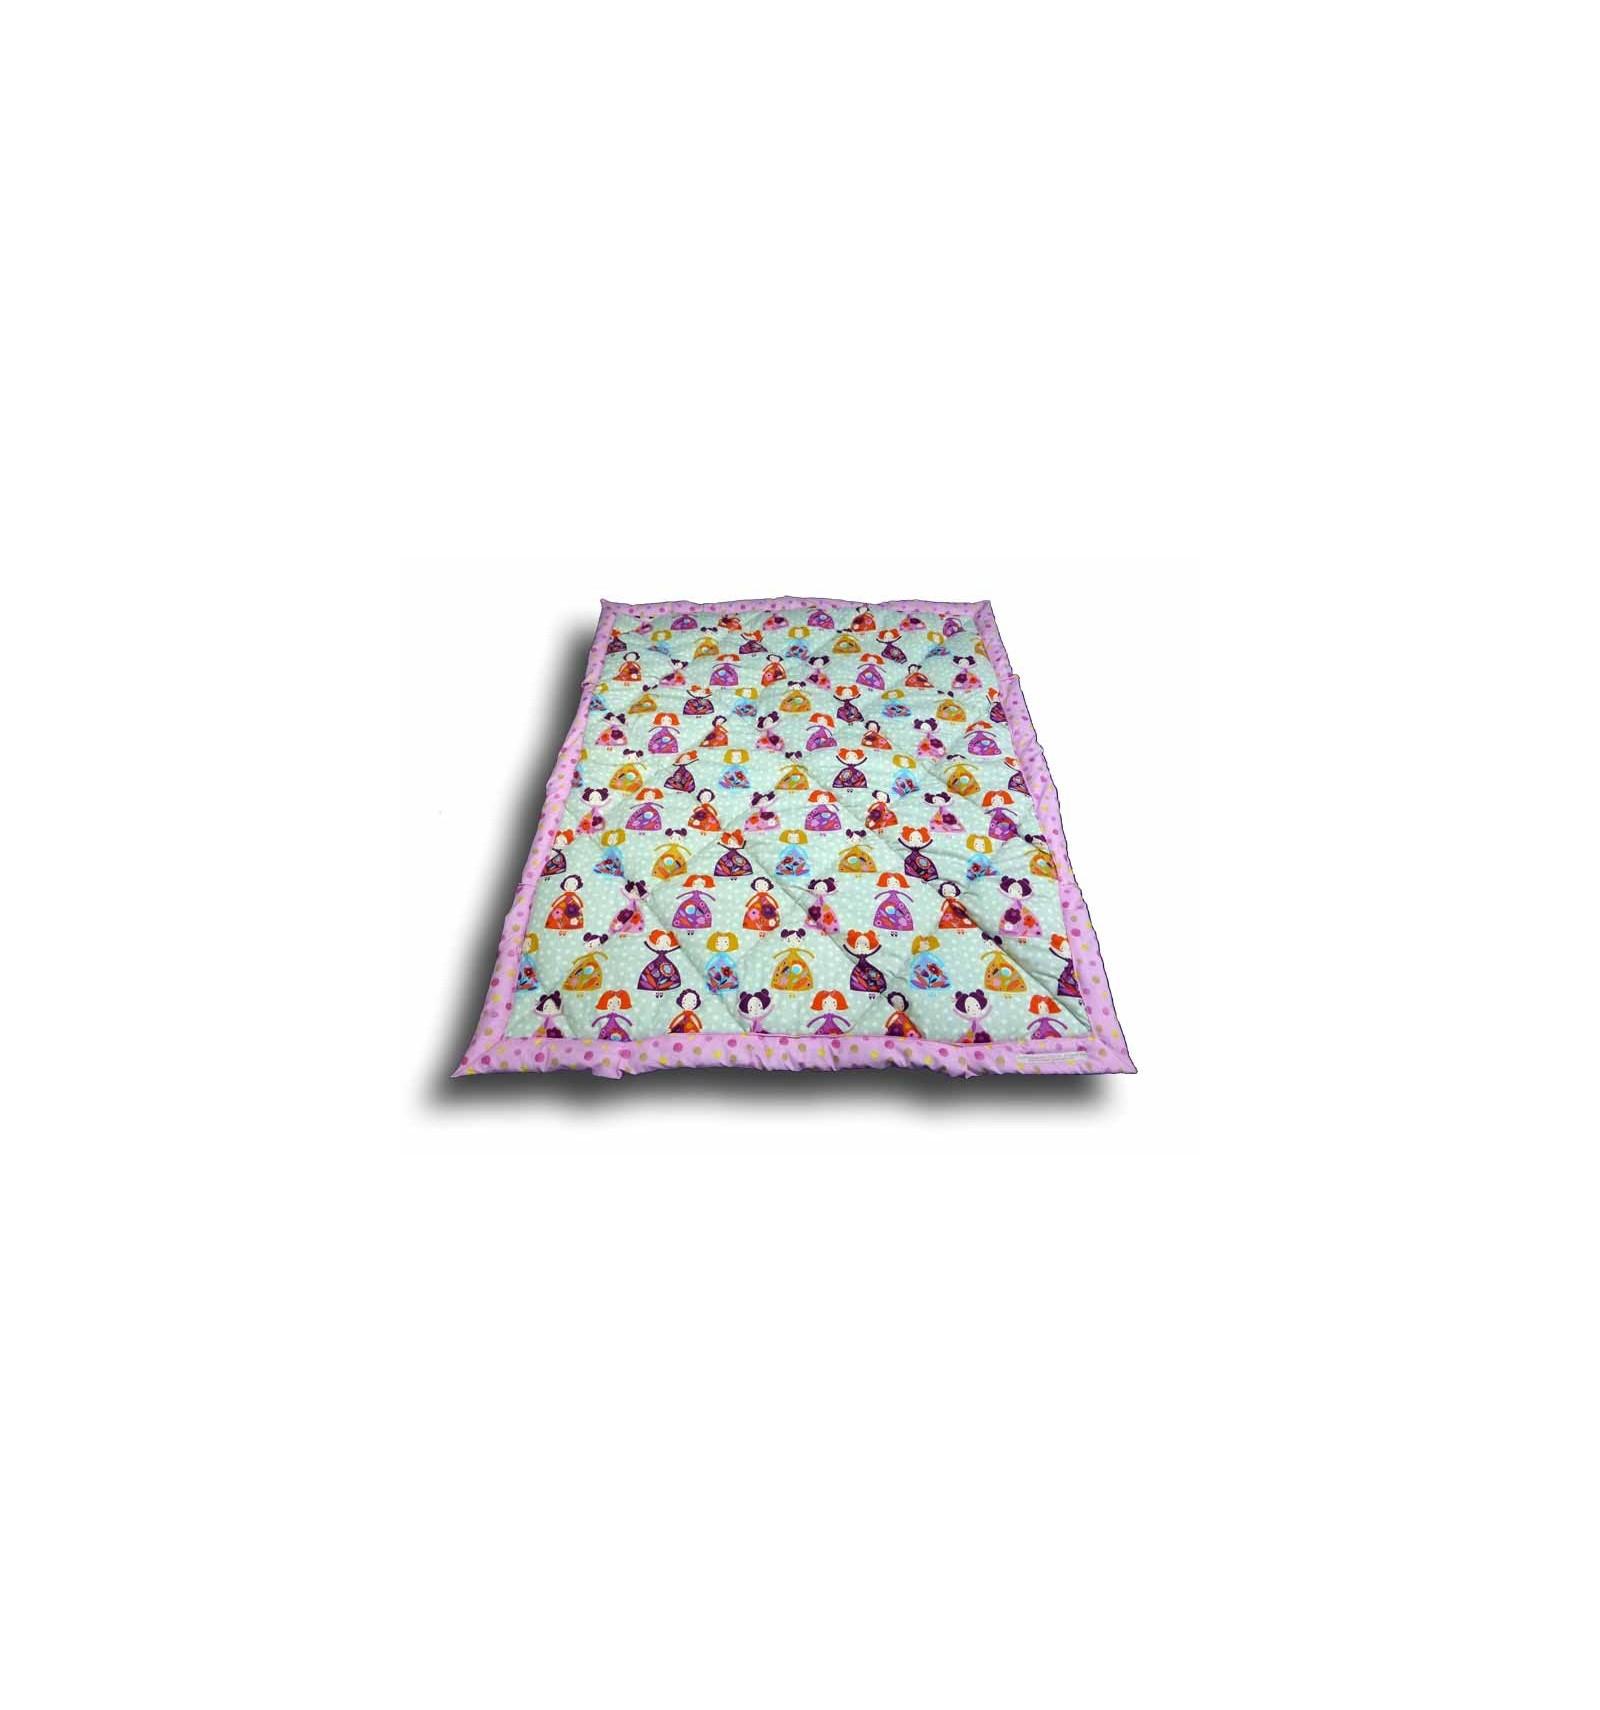 edredon couvre lit enfant edredon 100x120 cm motif princesse cr aflo. Black Bedroom Furniture Sets. Home Design Ideas